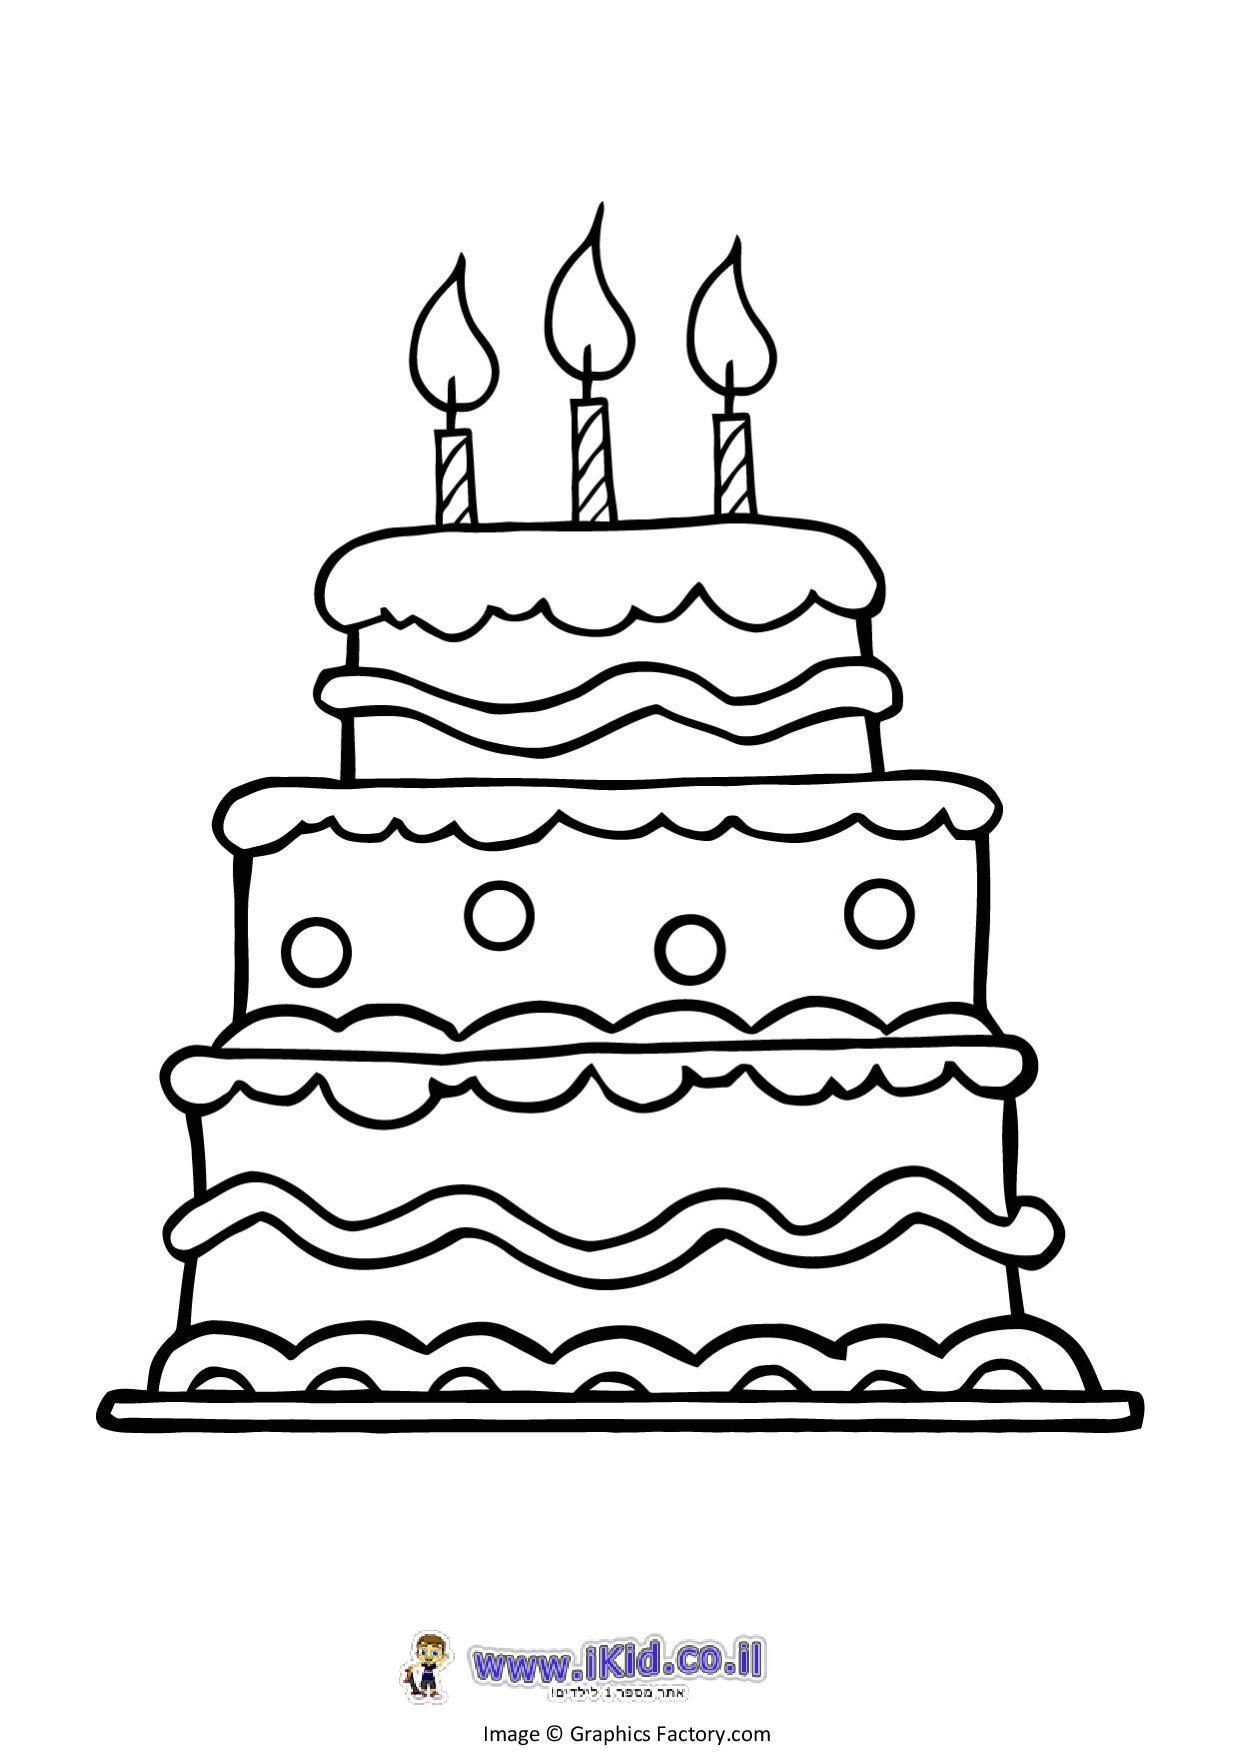 עוגה 3 קומות